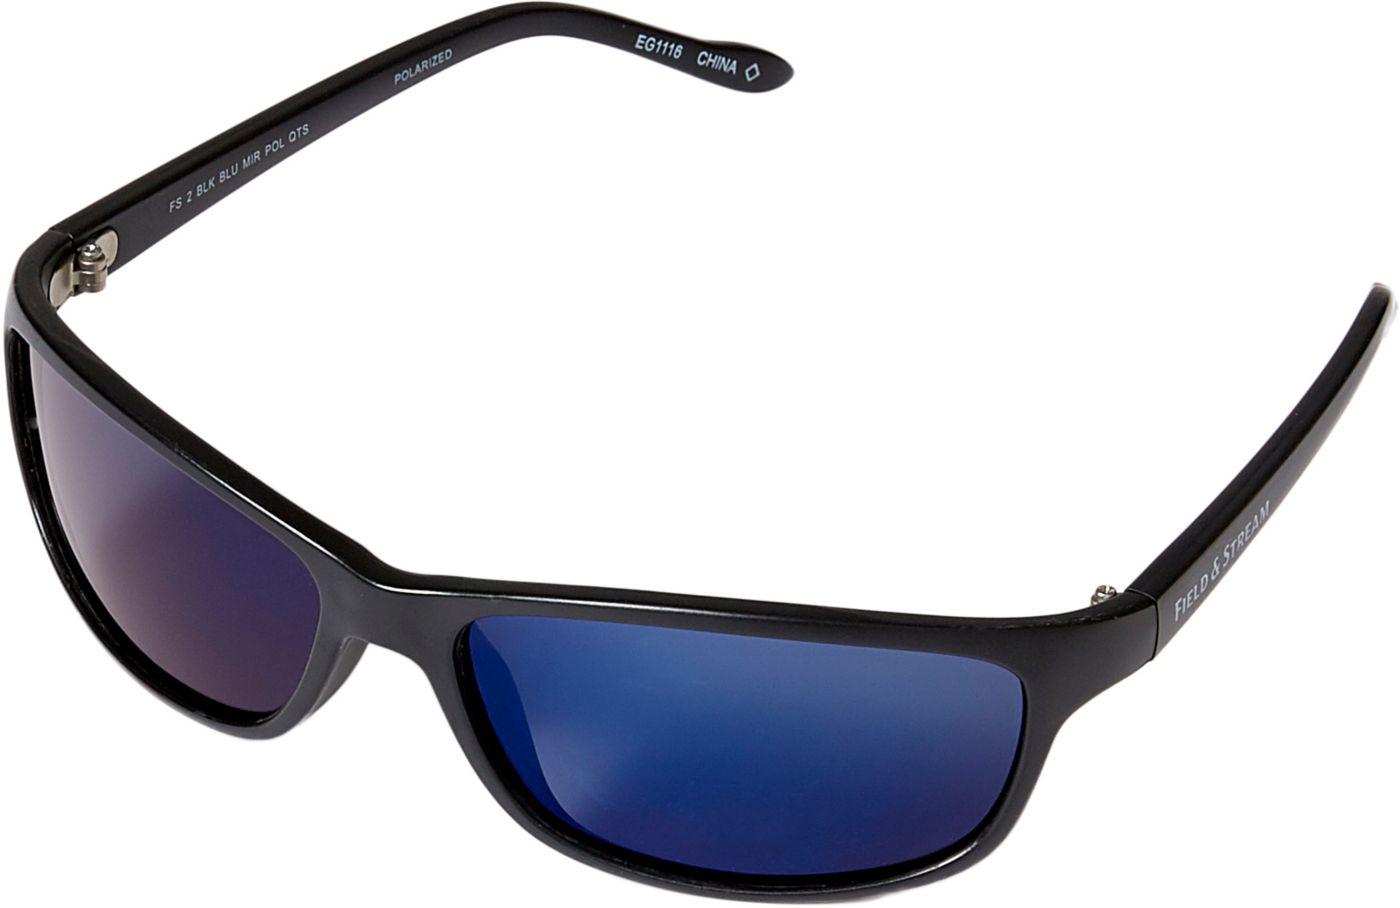 Field & Stream Men's FS2 Polarized Sunglasses